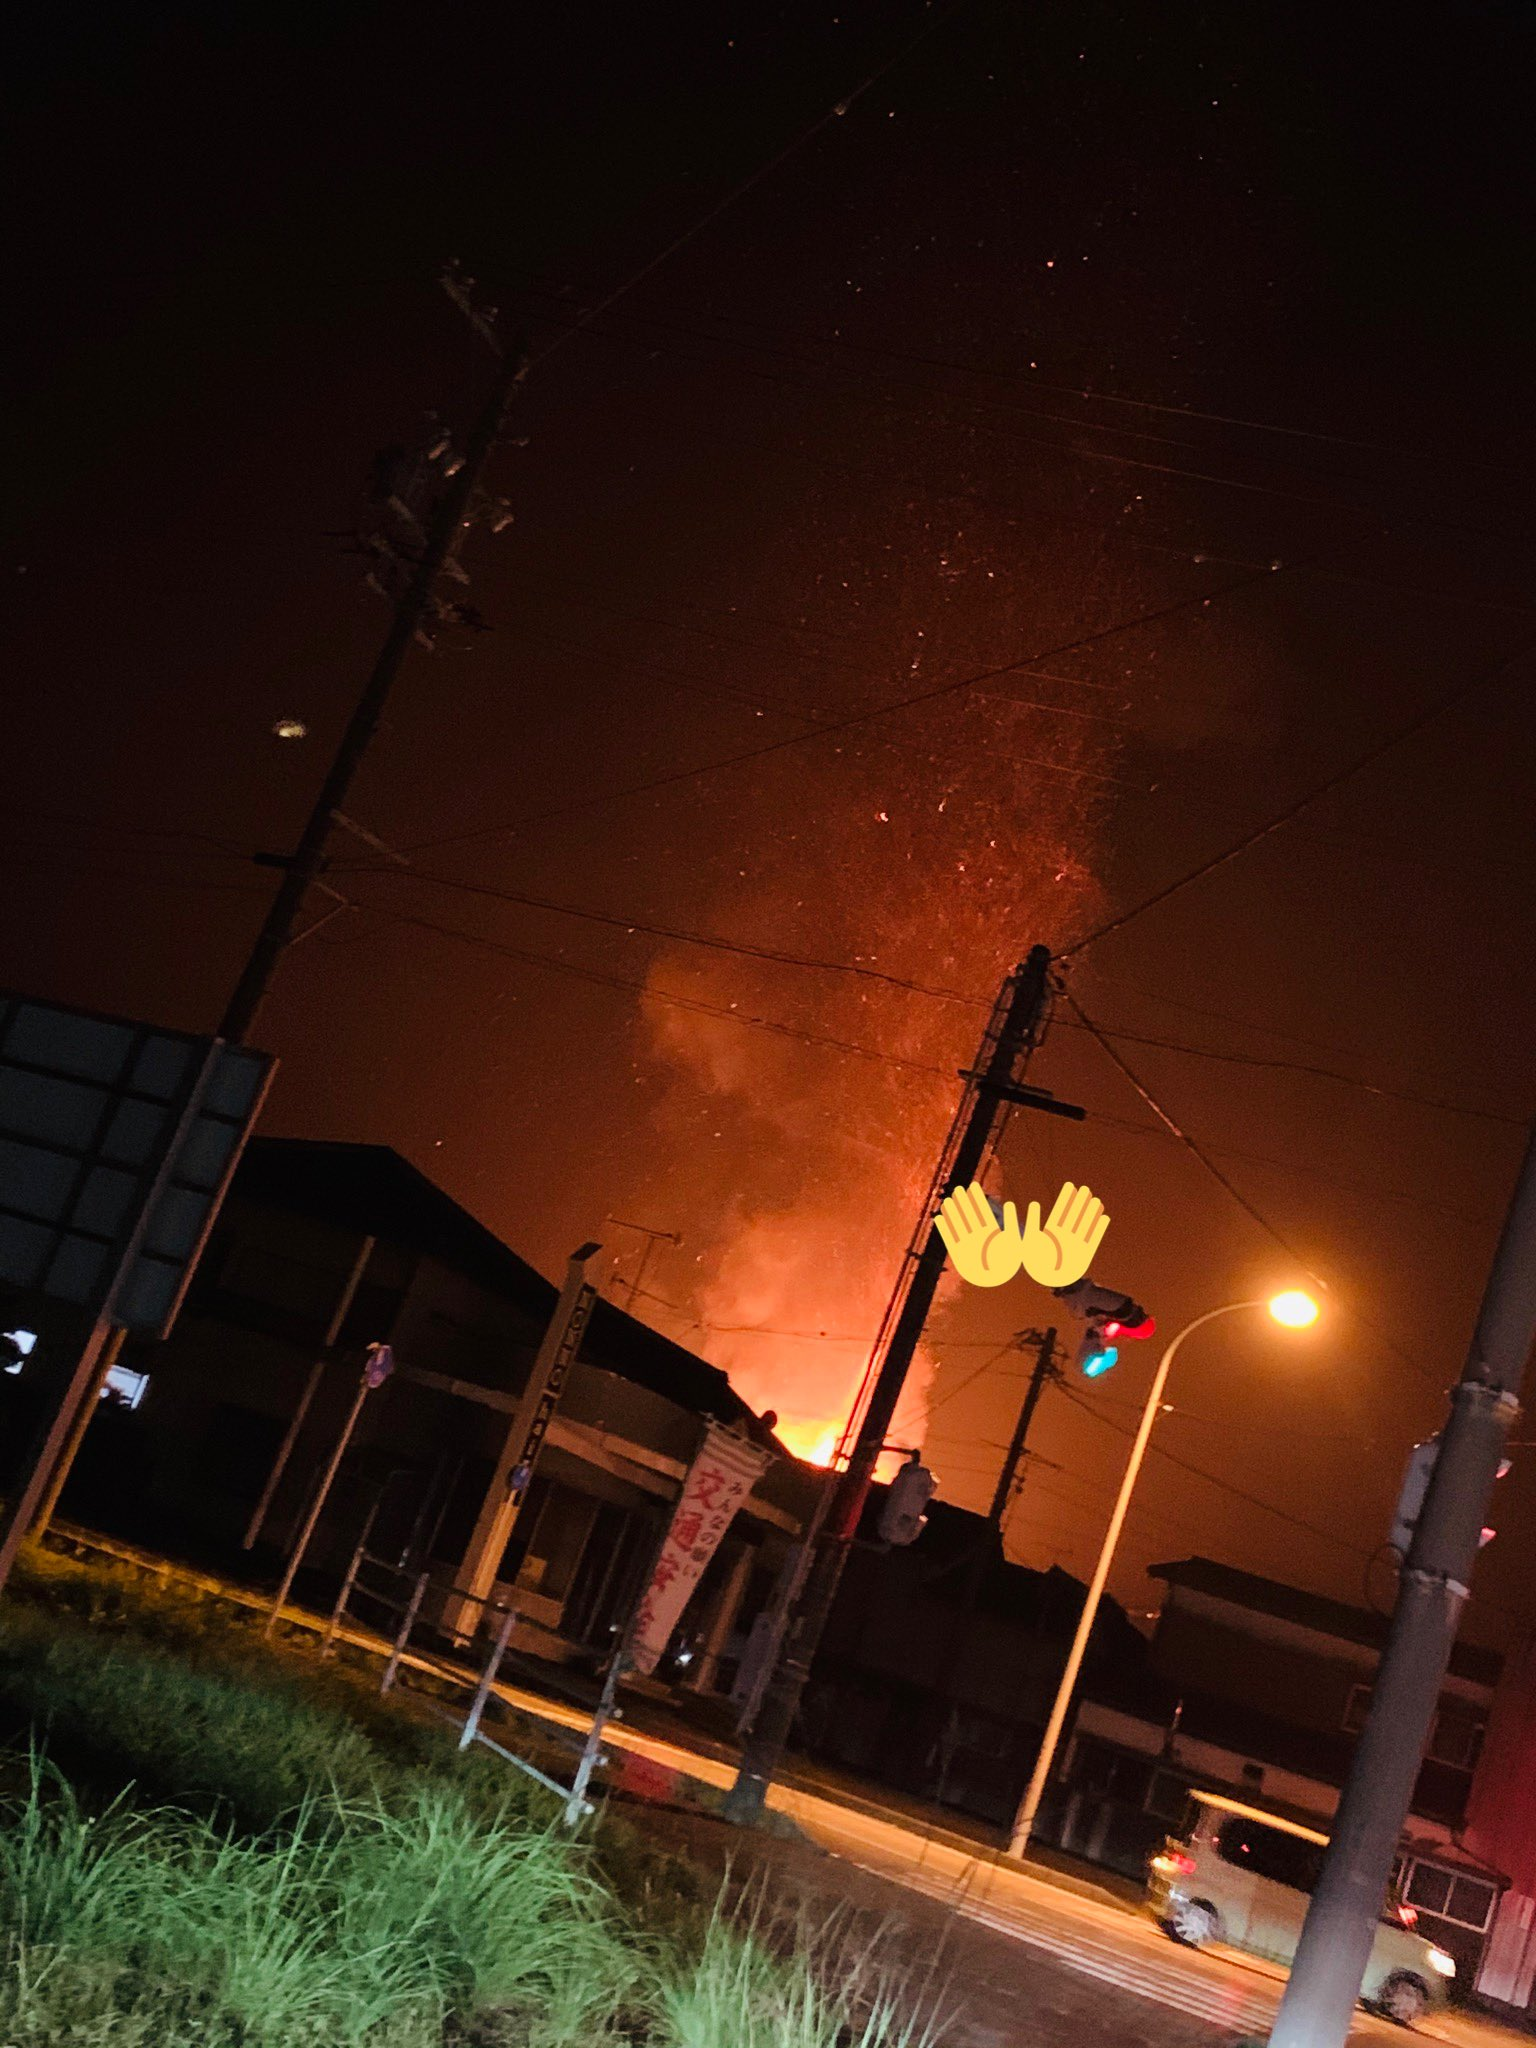 画像,#火事こりゃやべぇ……全焼and車爆発。中にいた人は見つかってないらしい…… https://t.co/zNp51Y1gPL…